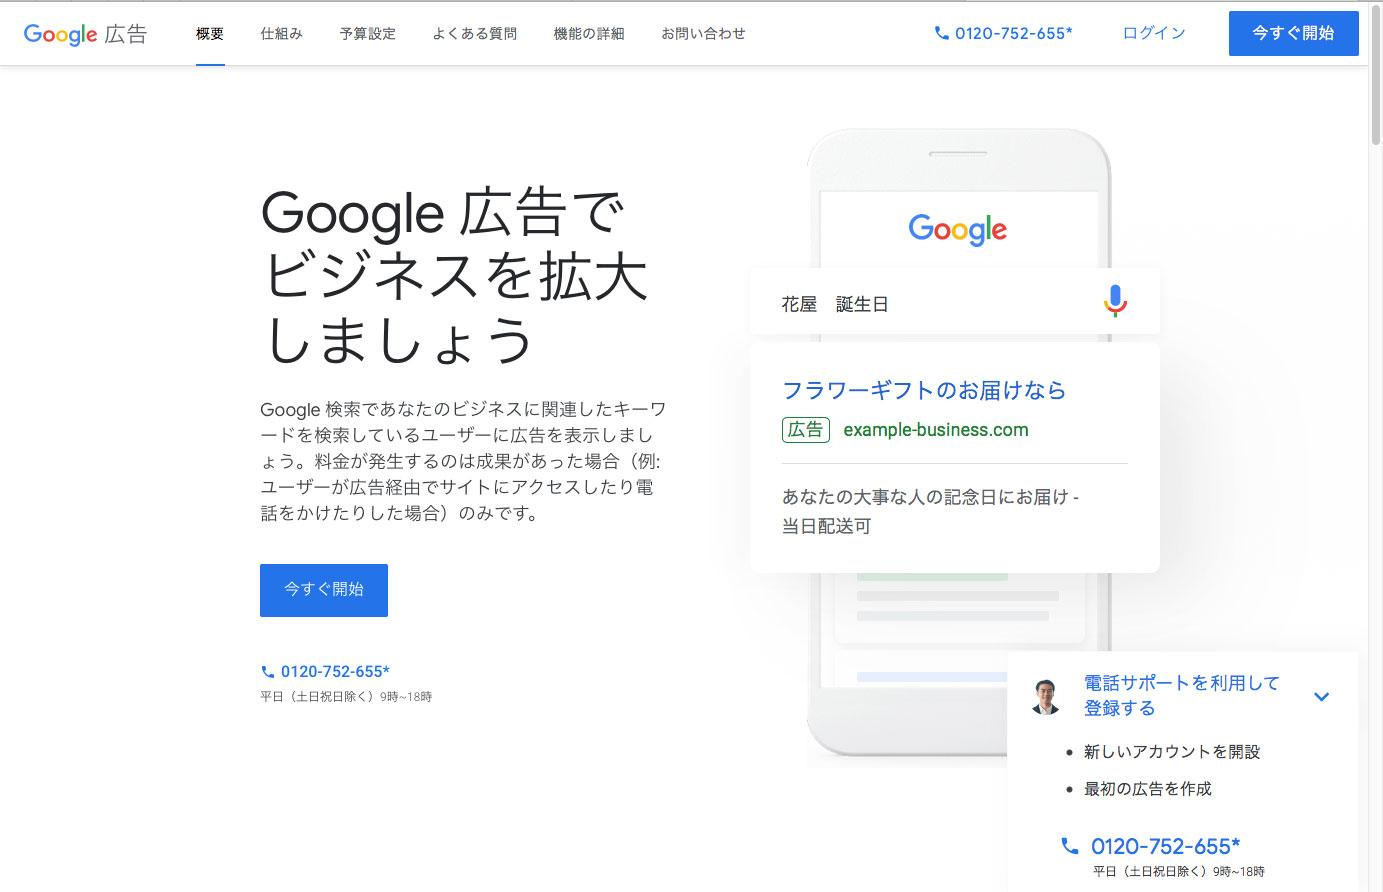 Google広告トップページ